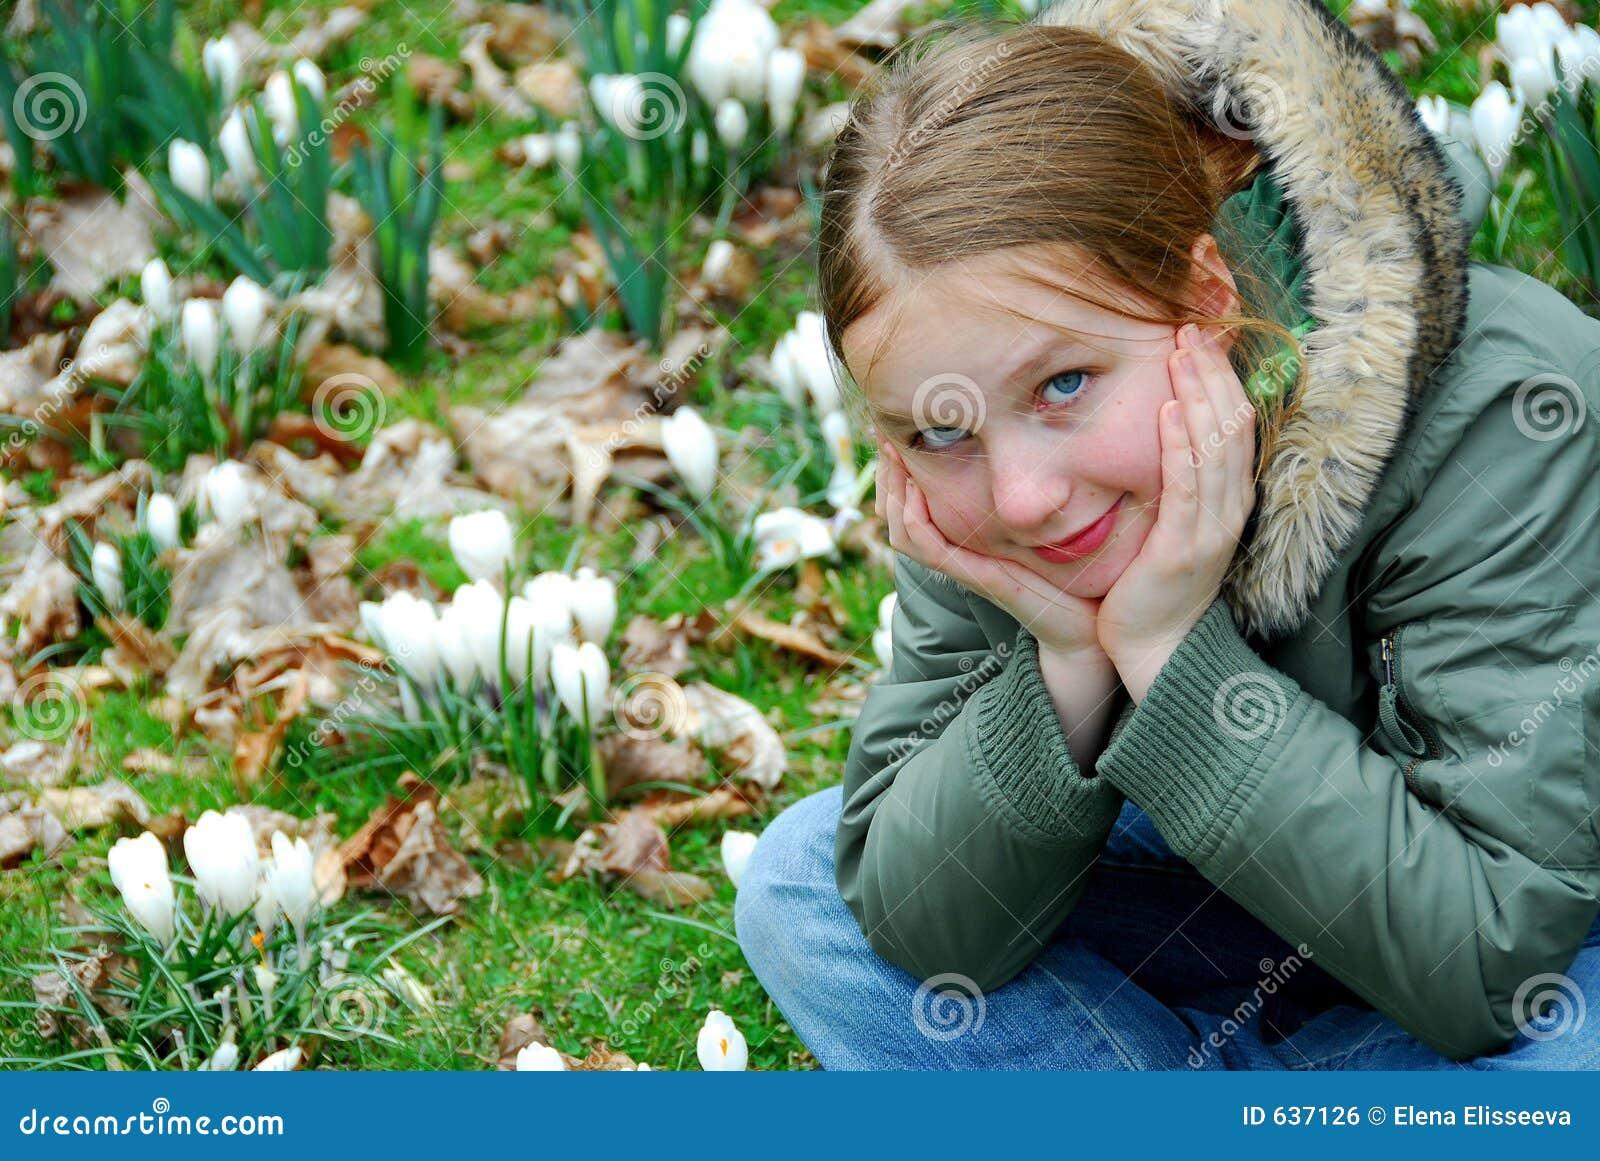 Download весна девушки стоковое фото. изображение насчитывающей рост - 637126